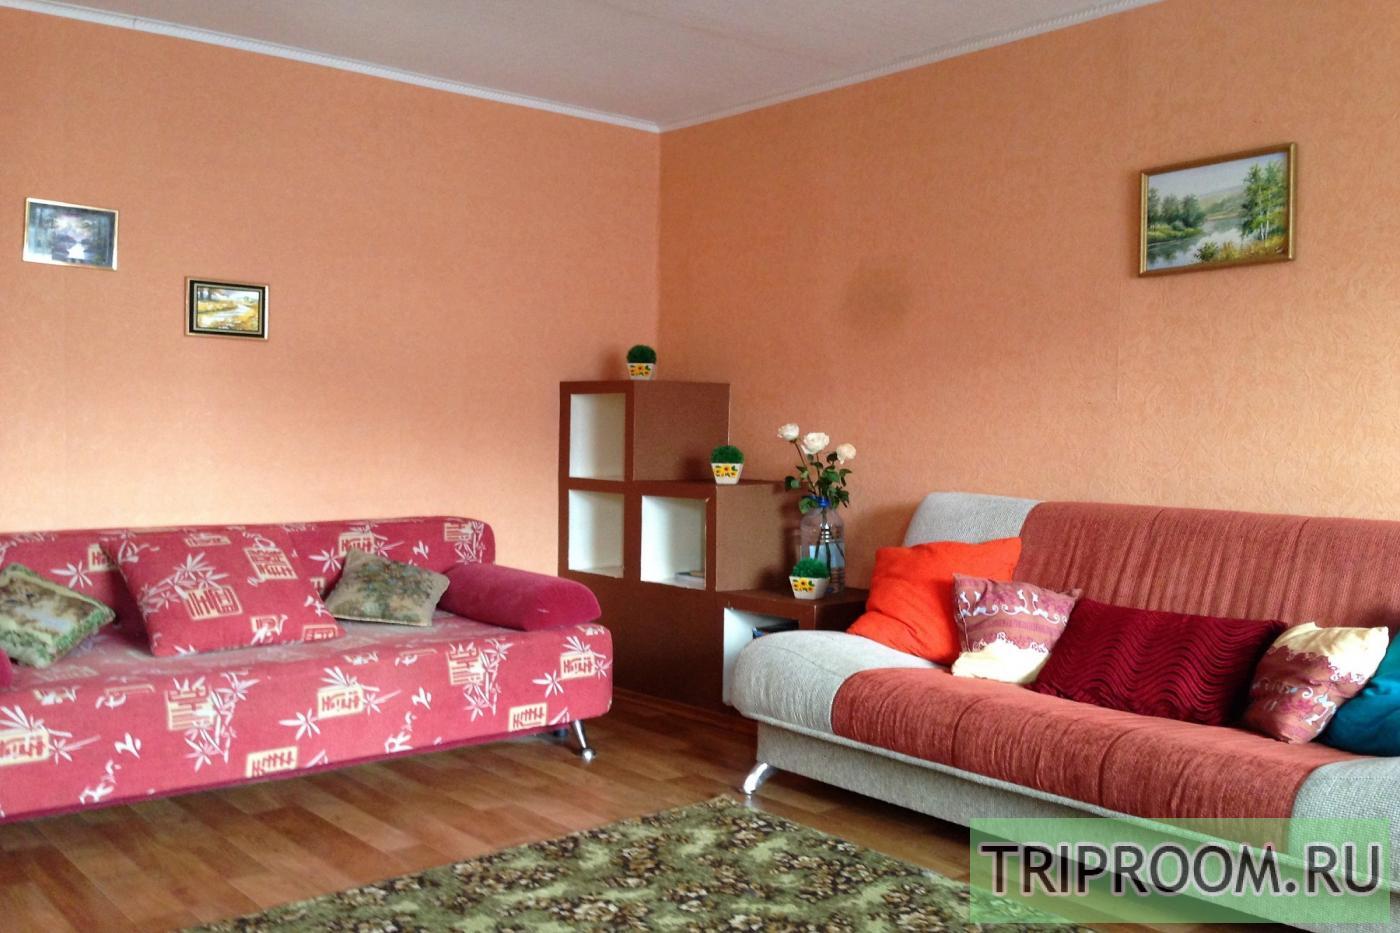 2-комнатная квартира посуточно (вариант № 27829), ул. Комсомольский проспект, фото № 1